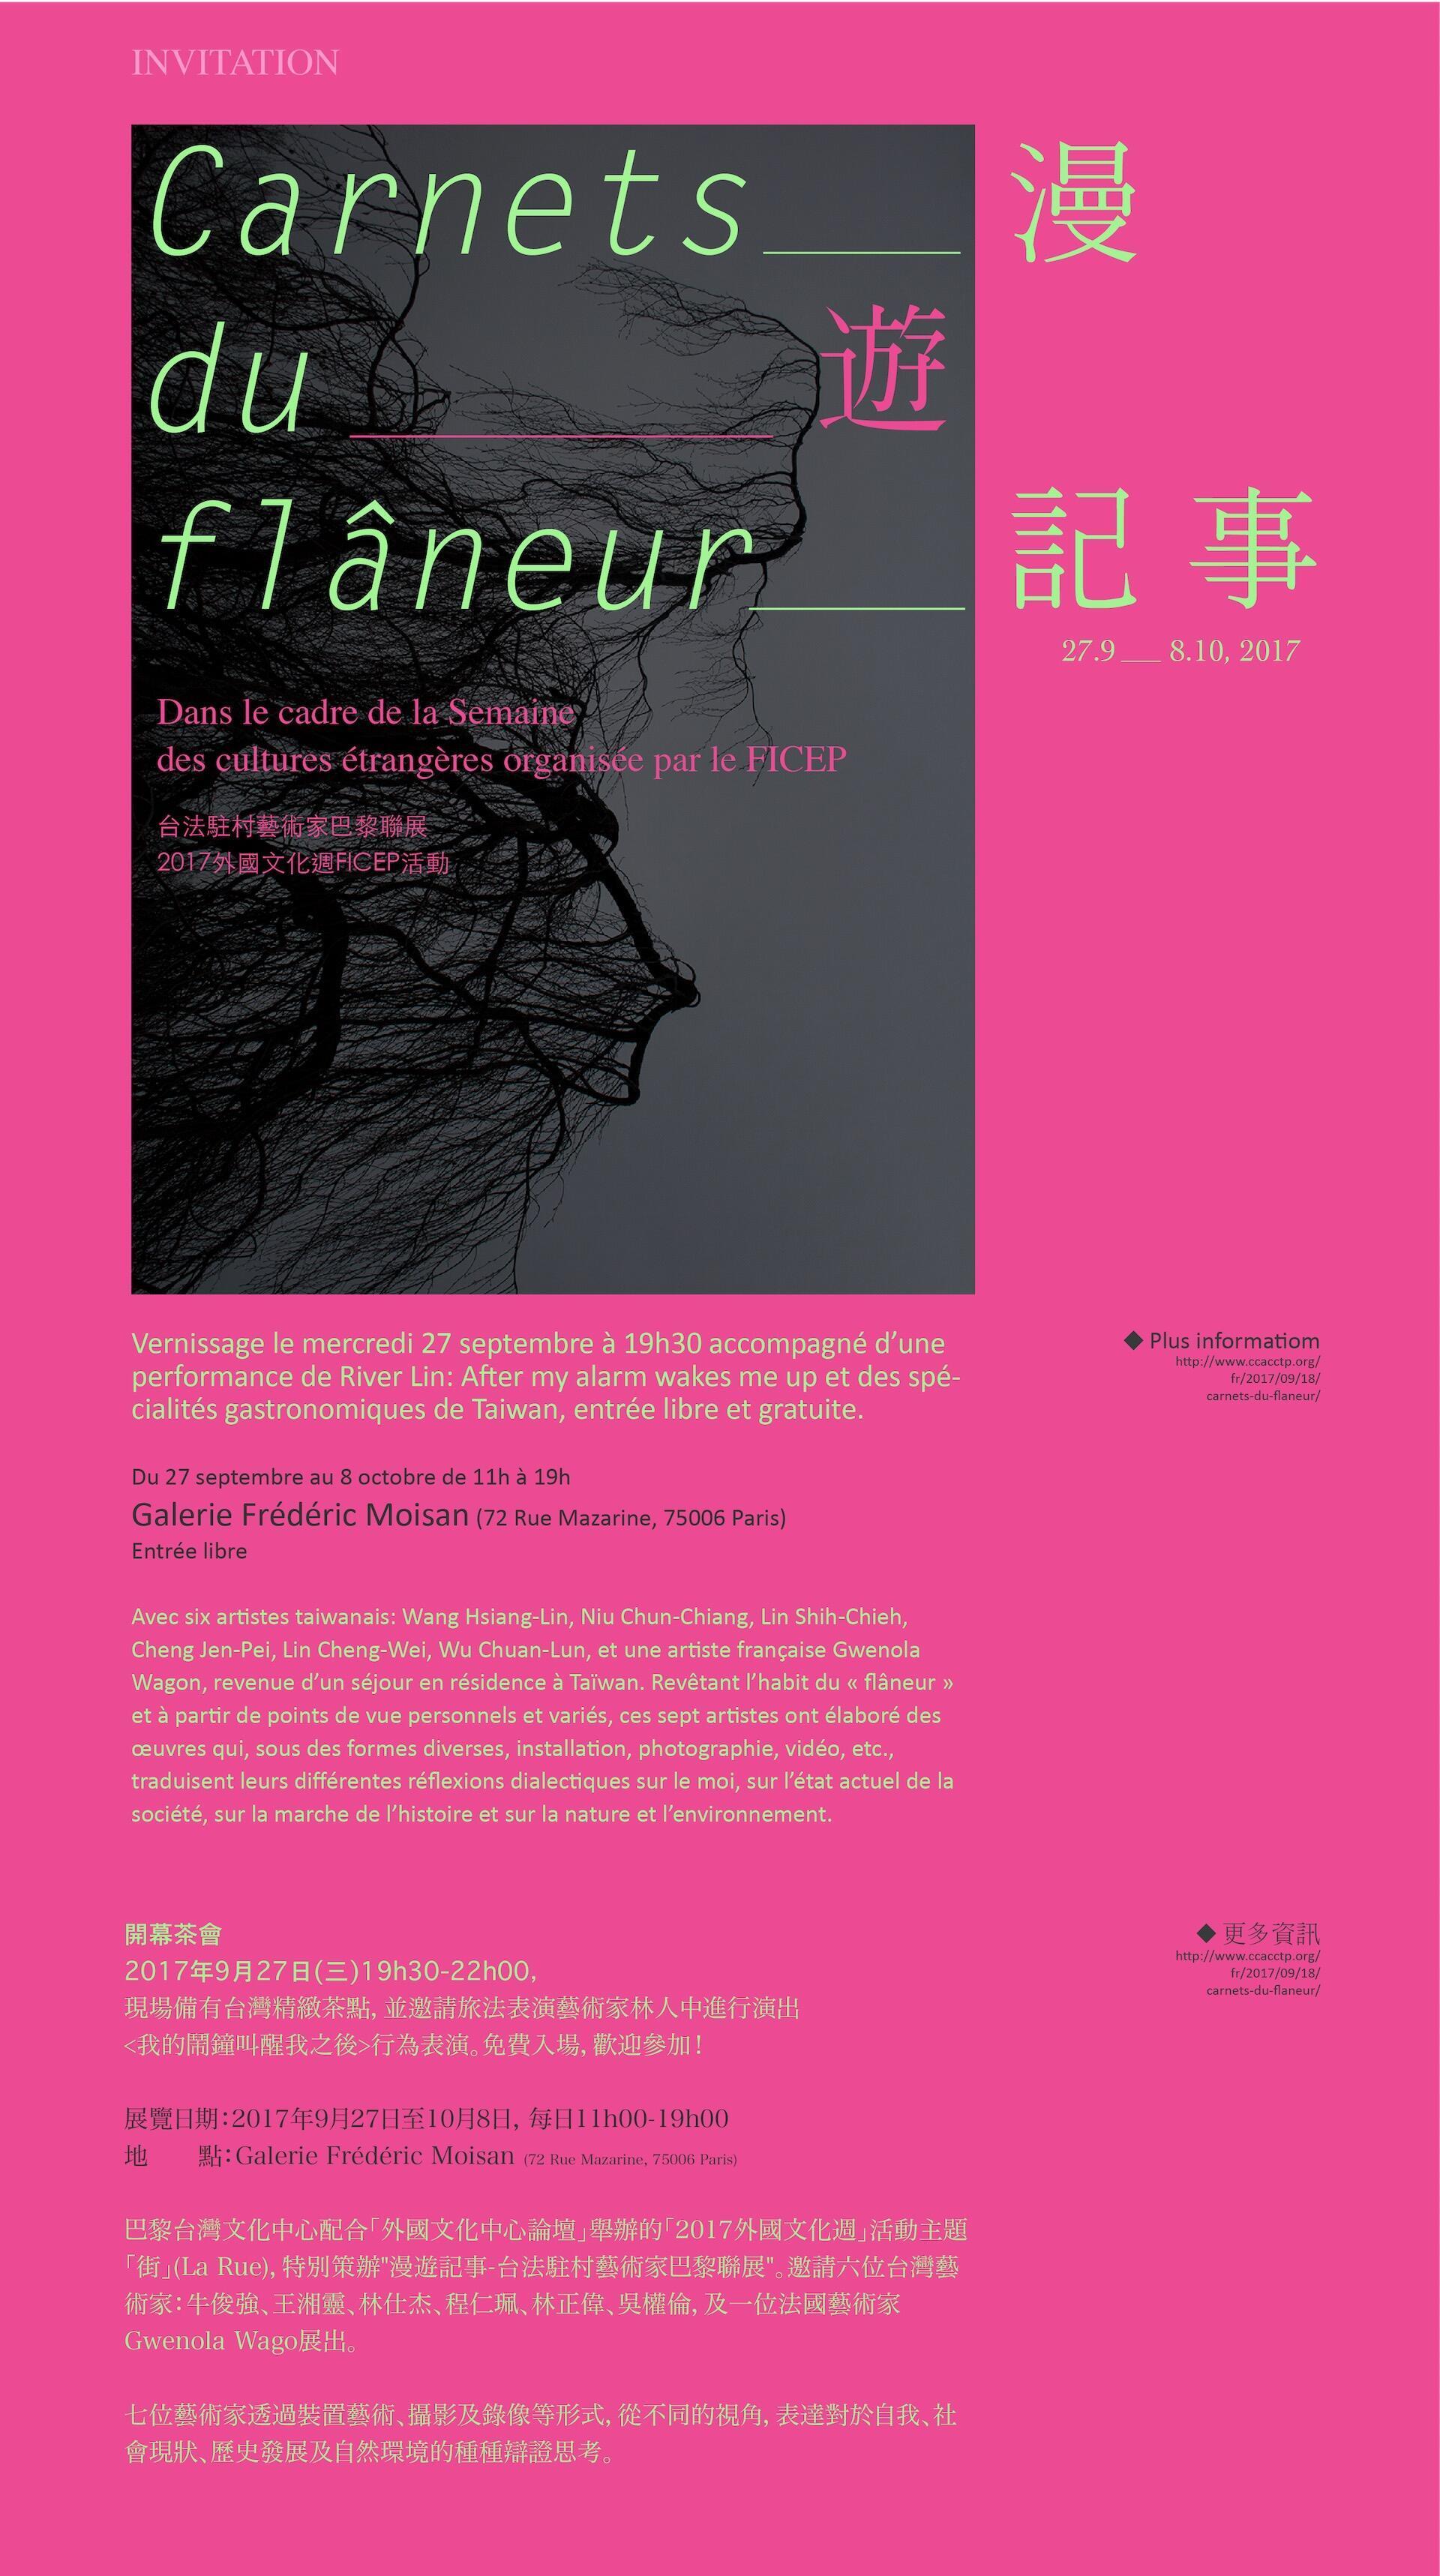 2017巴黎外国文化周台湾推出「漫游记事」(Carnets du flâneur)的台法艺术家联展